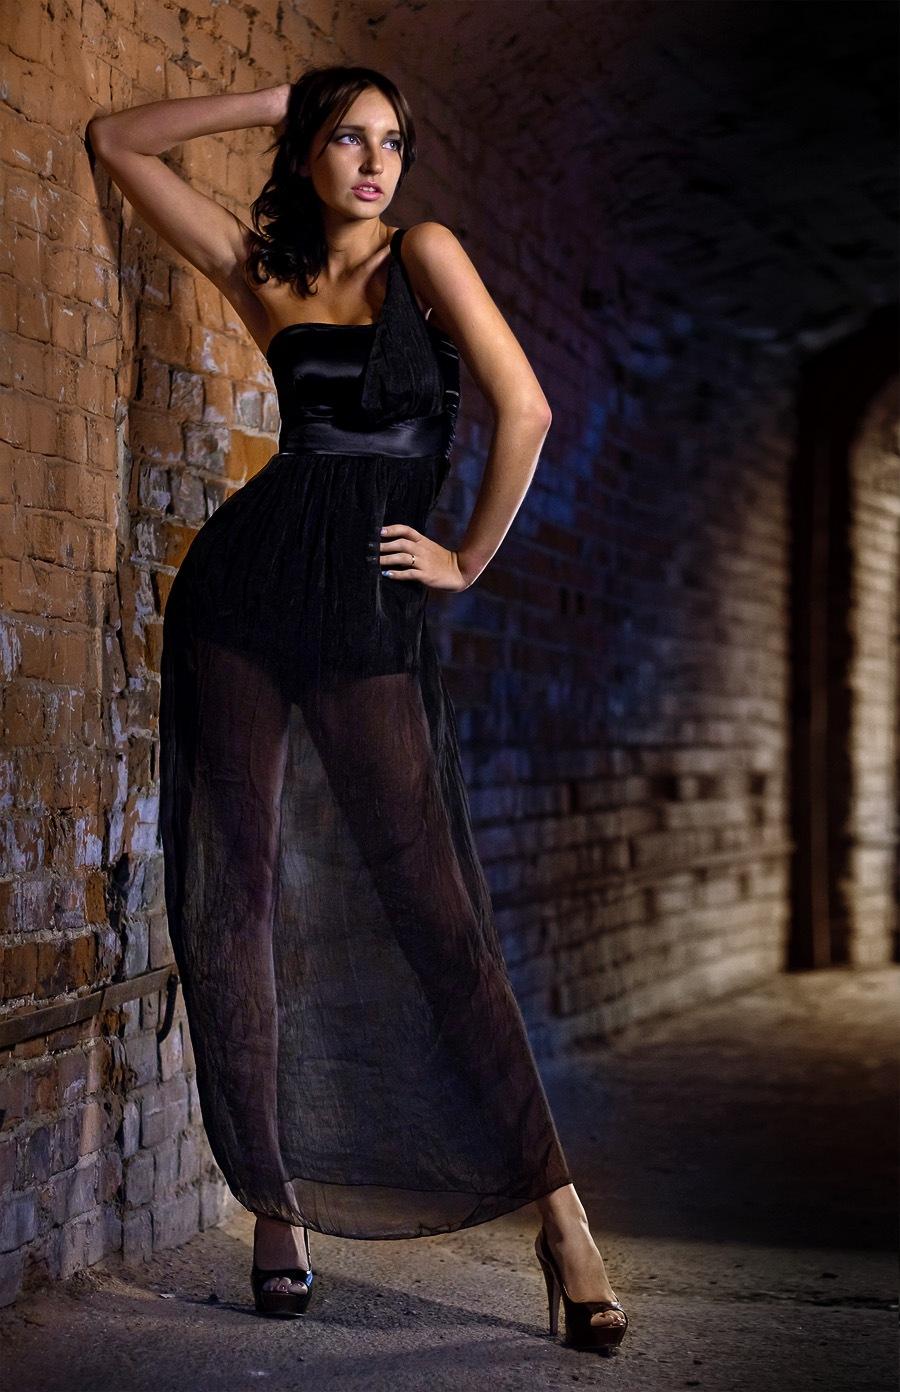 фотограф фотосессия Красноярск красивая девушка платье Енисей набережная идея место макияж